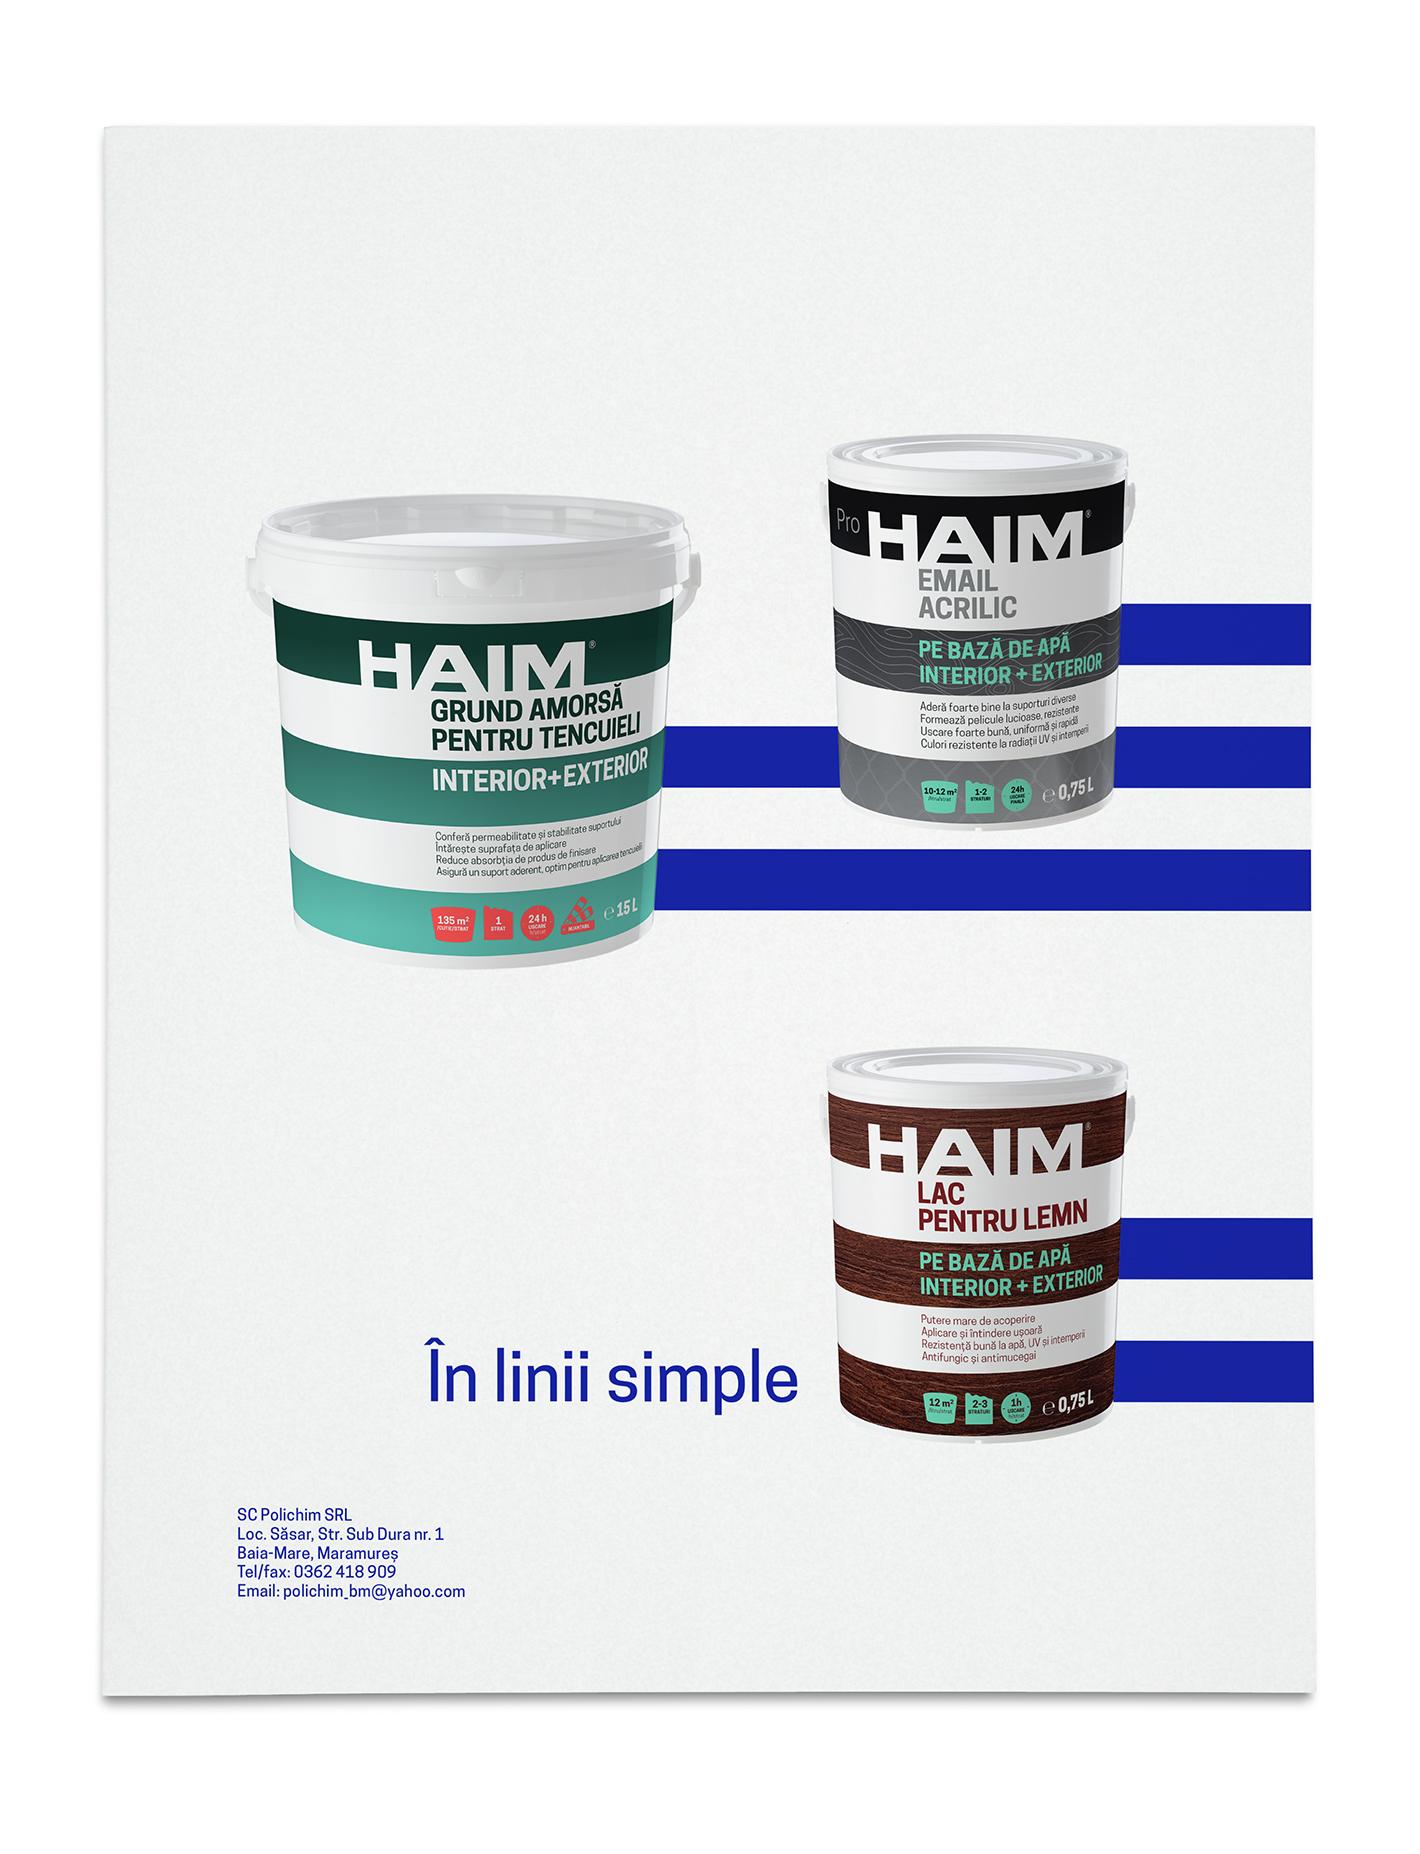 haim_folder_2.jpg